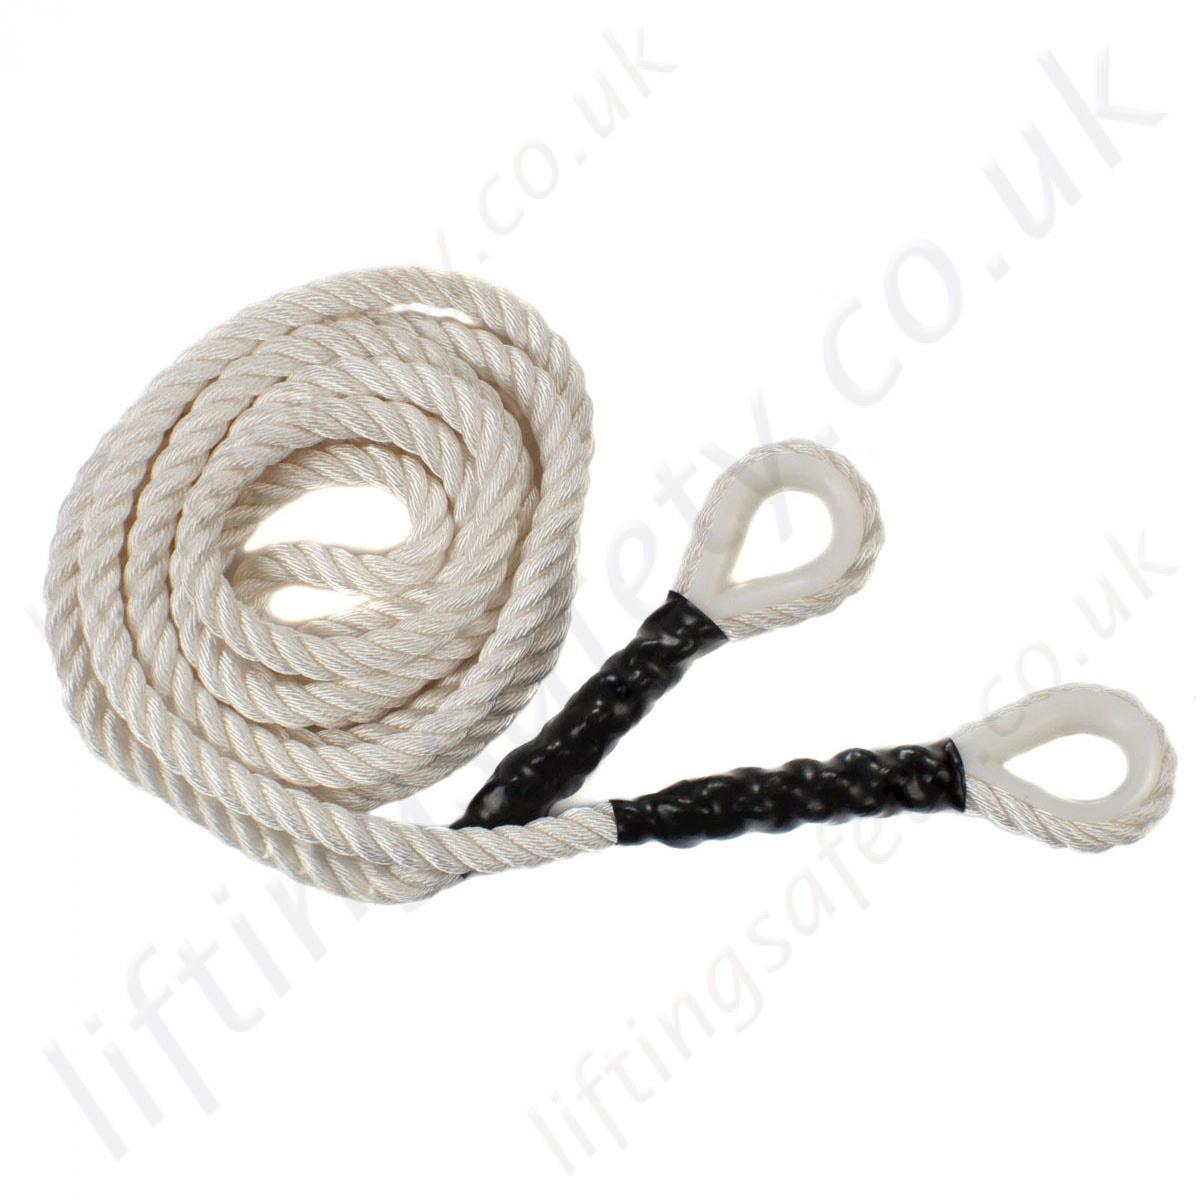 Ridgegear quot rga e three strand nylon rope terminations